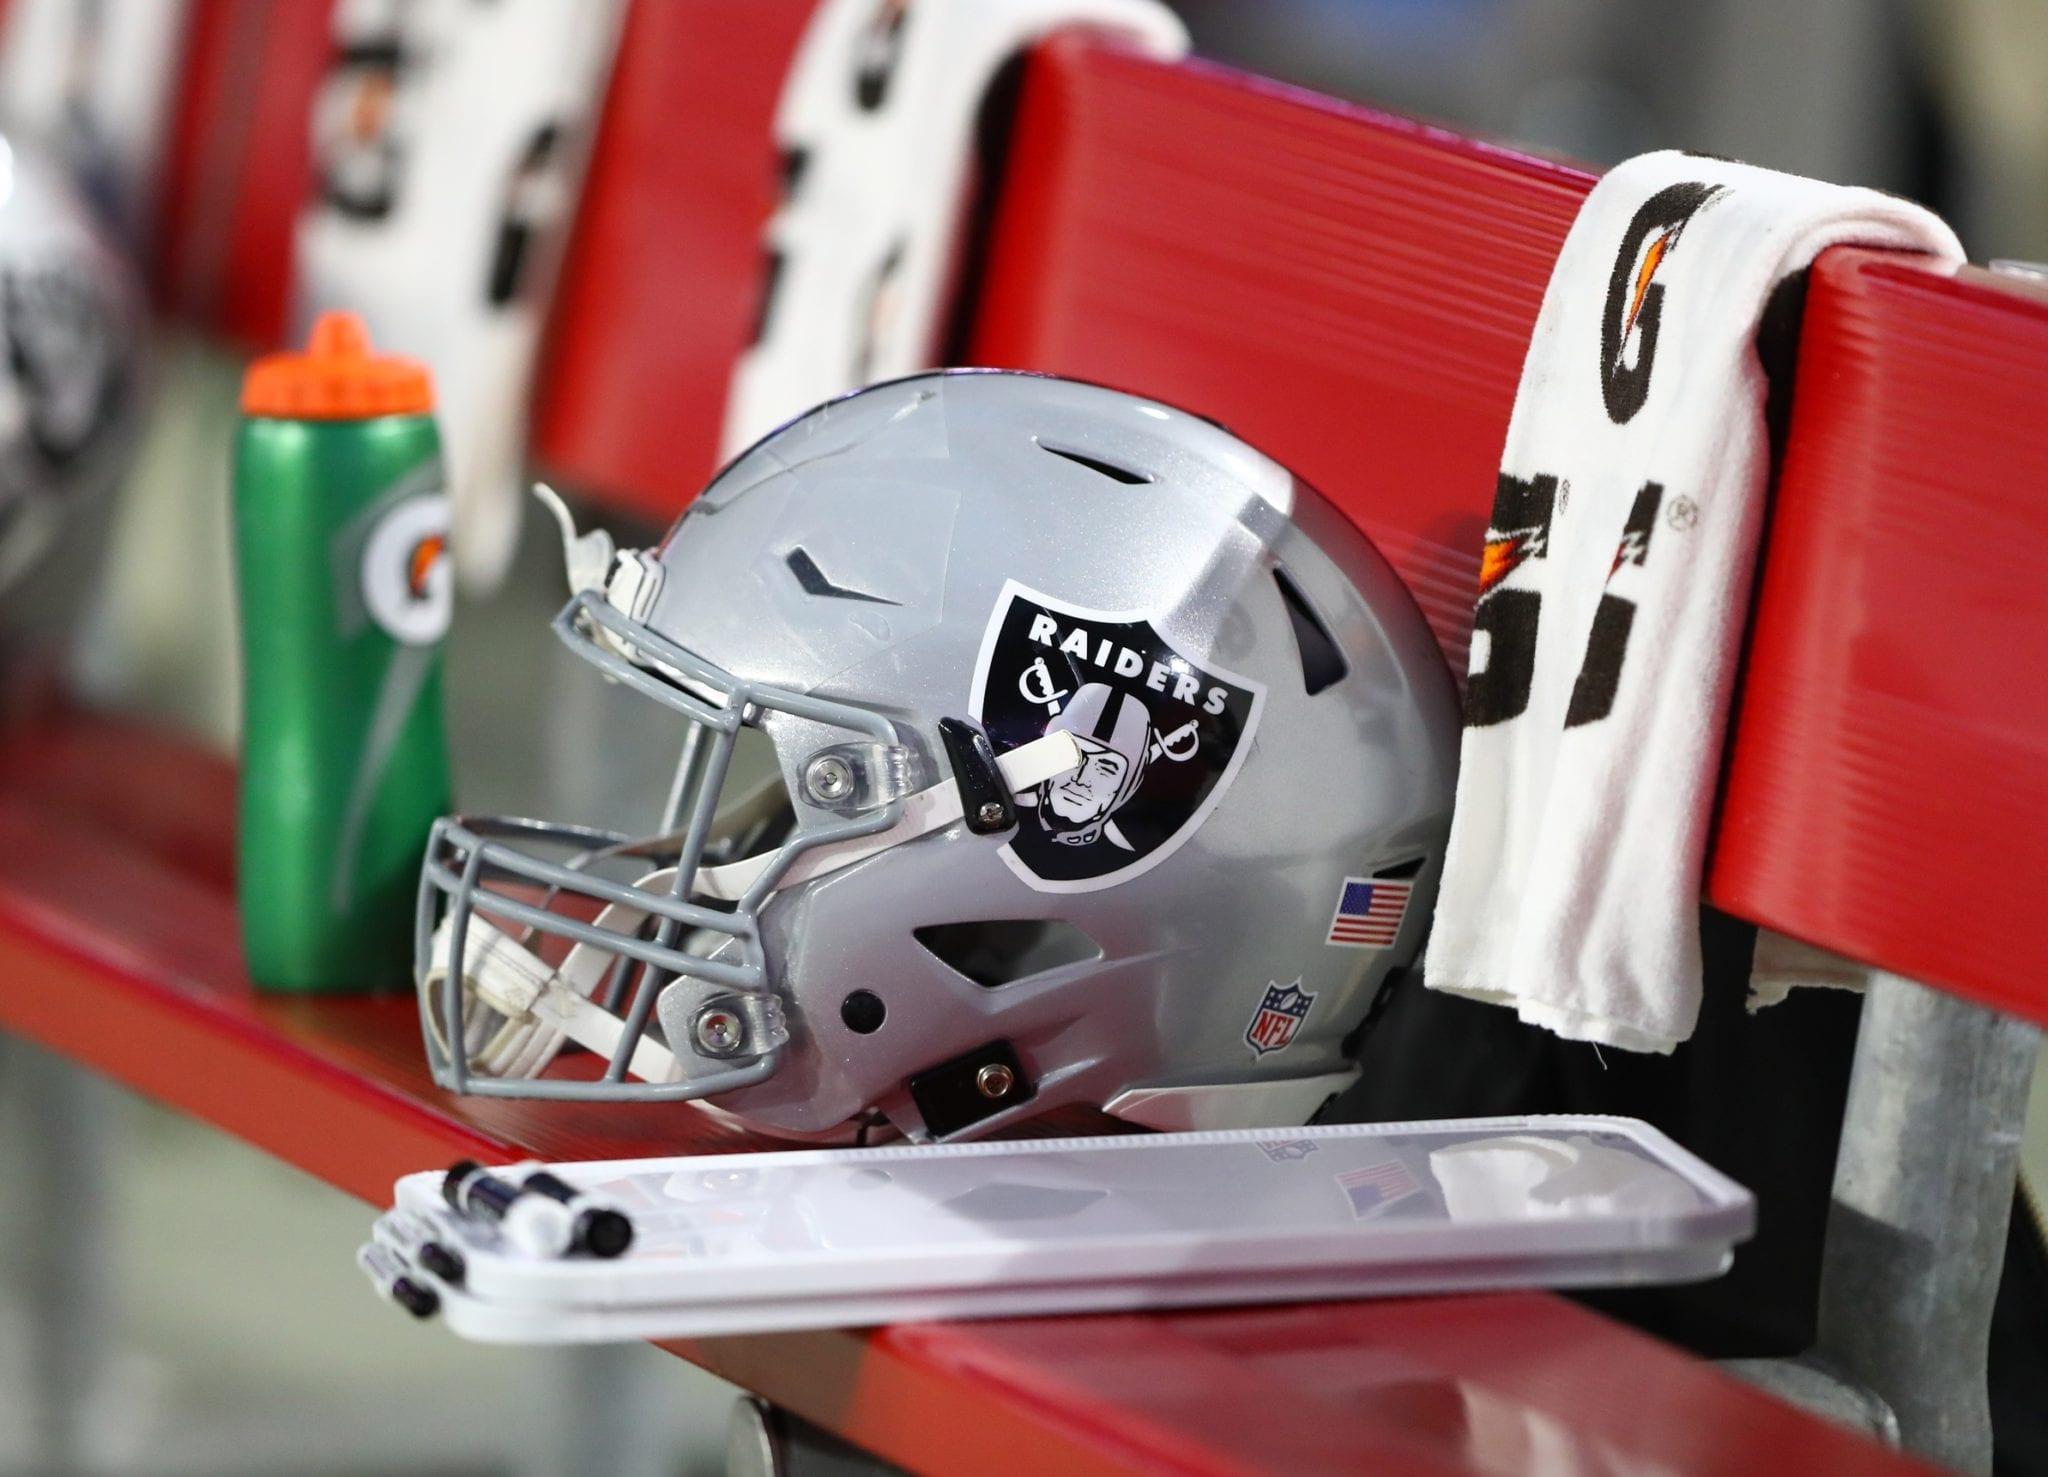 Raiders-helmet-6